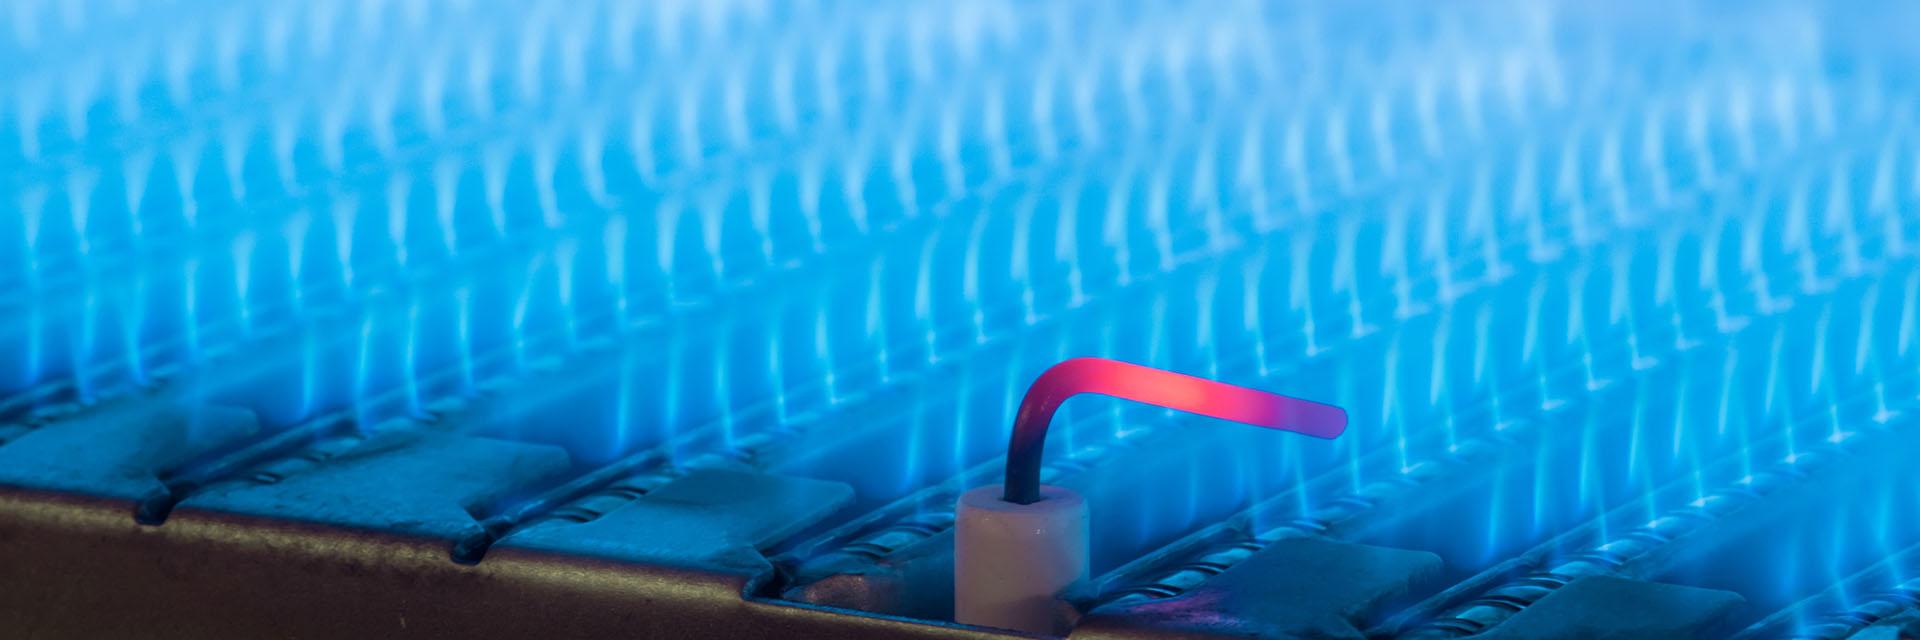 Controllo e stipula di contratti di fornitura di energia elettrica e gas naturale